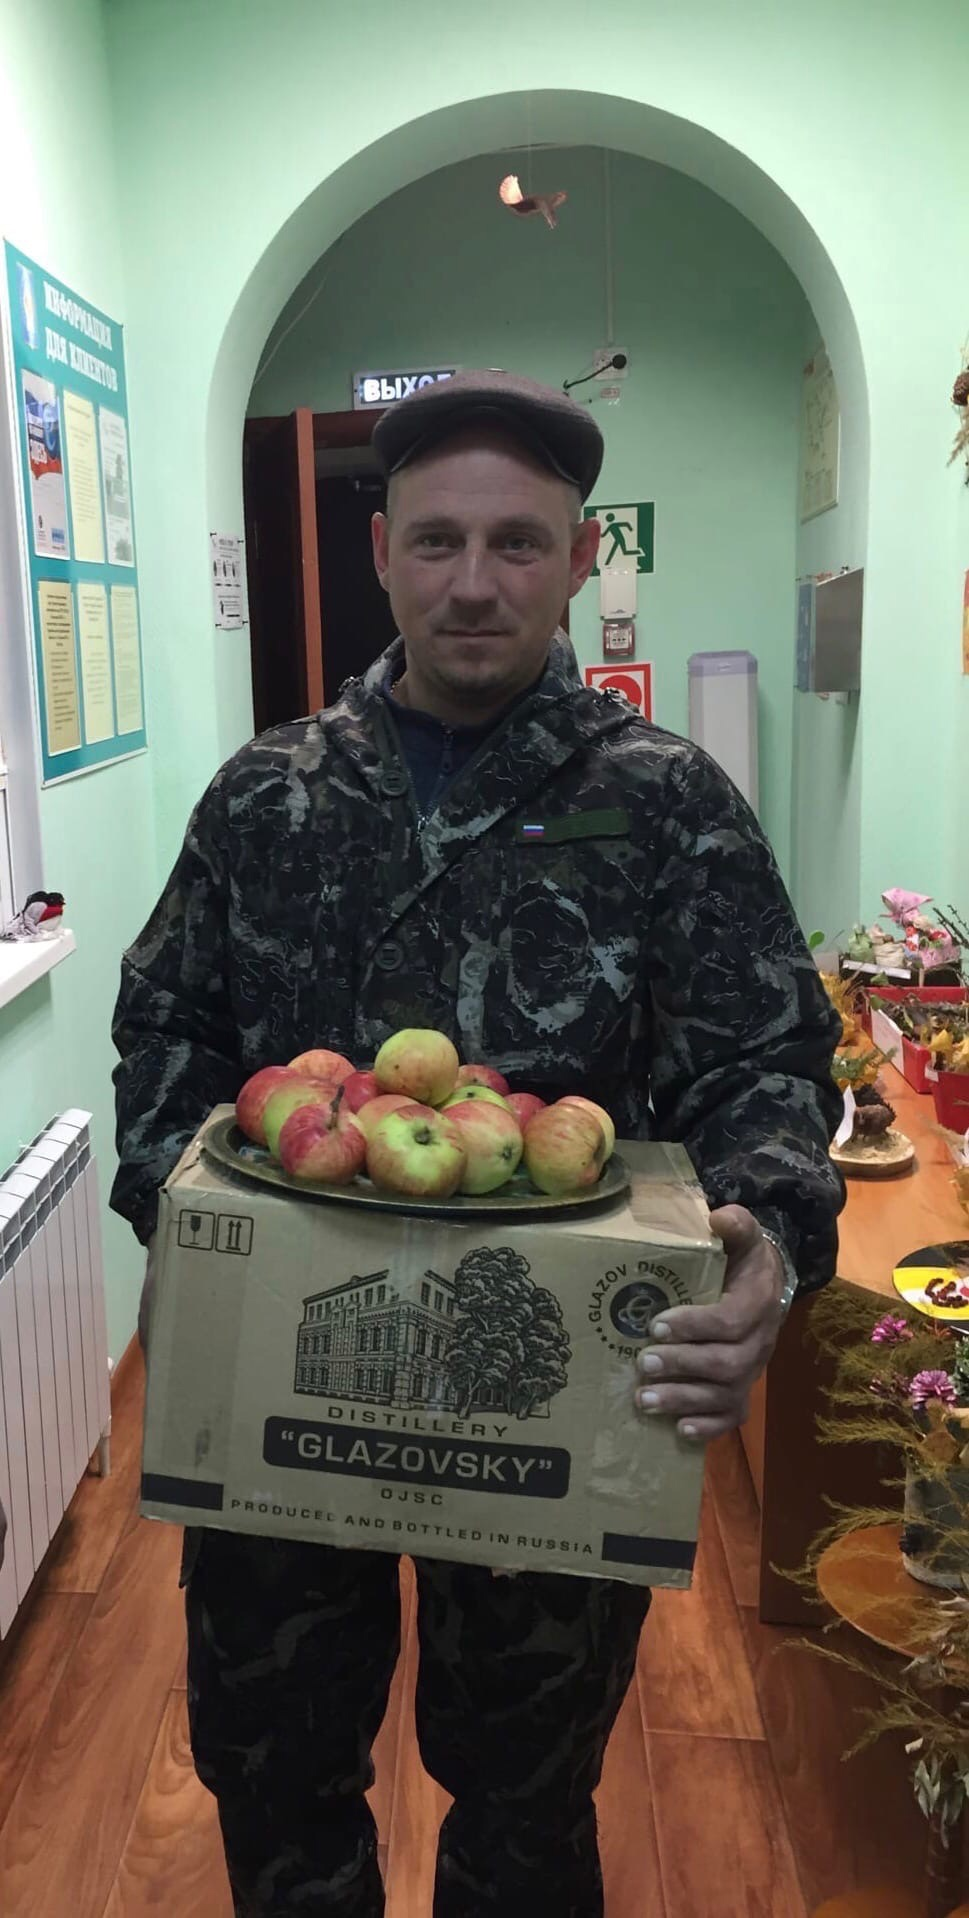 Выражаем огромную благодарность семье Ольги и Сергея Каргиных из поселка Пуксоозеро за предоставленное угощение яблоками со своего сада для получателей стационарных отделений поселков Савинский и Североонежск.